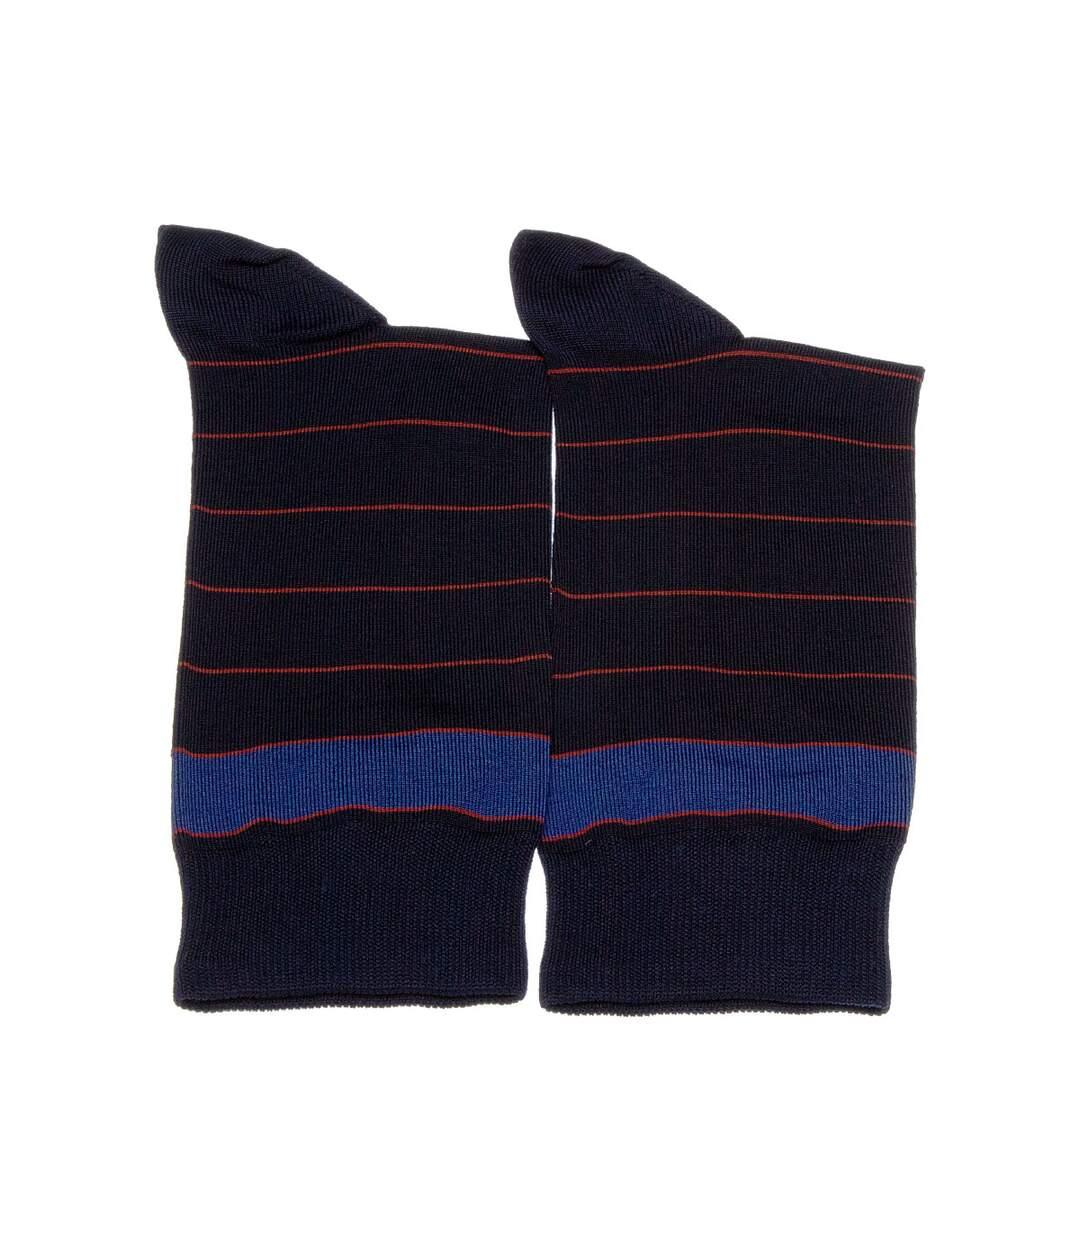 Dégagement Chaussette Niveau mollet 1 paire Sans bouclette Rayures Fine Coton Bleu marine Sphère dsf.d455nksdKLFHG